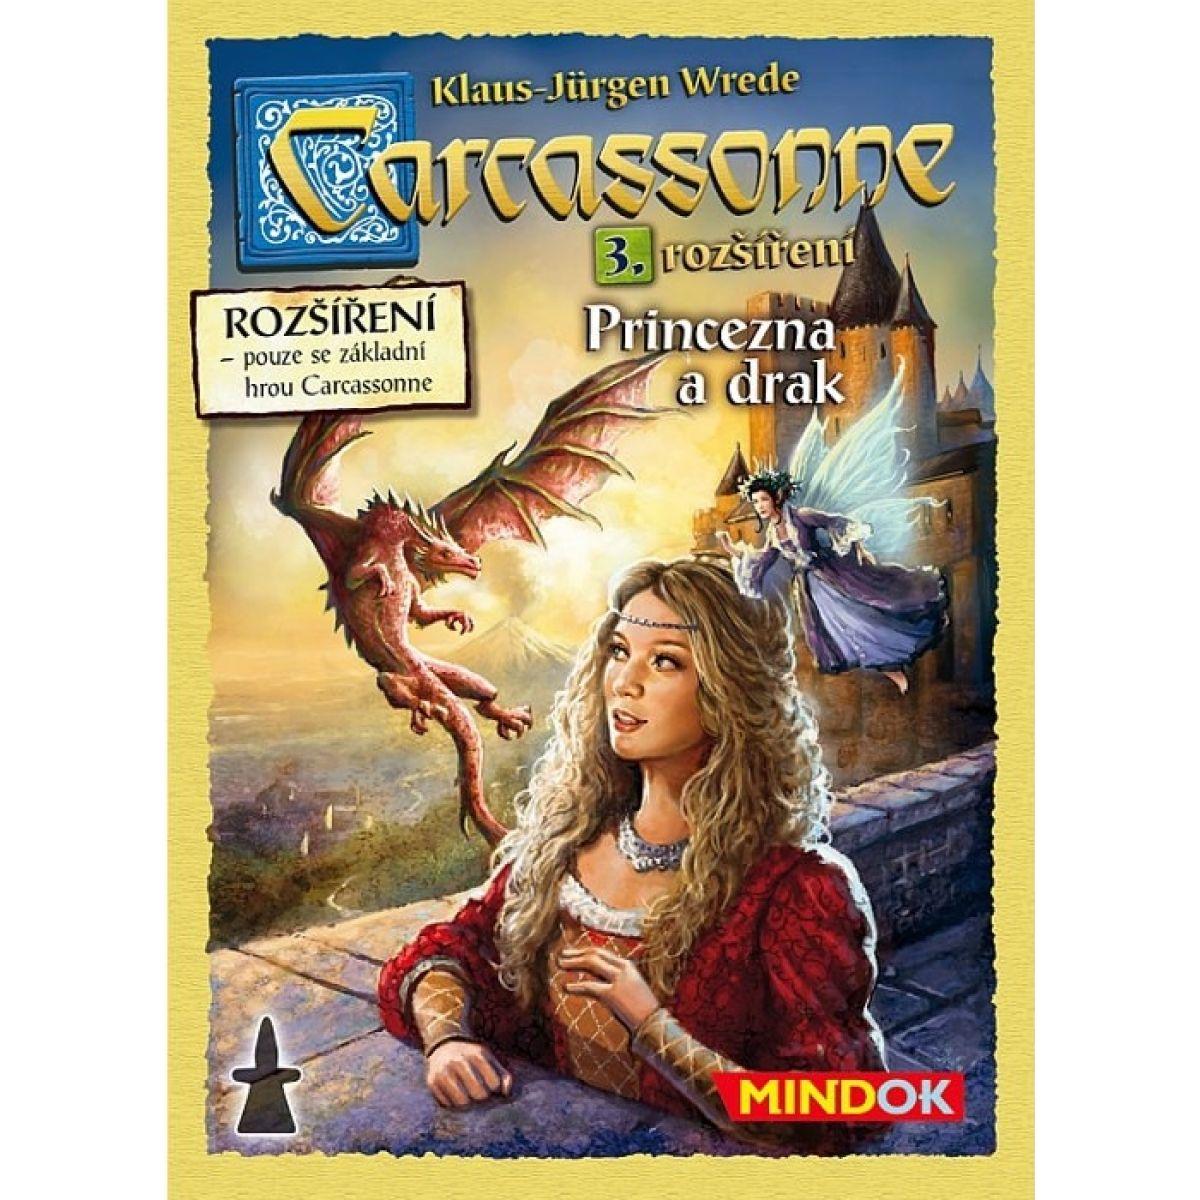 Mindok Carcassonne 3. rozšírenie Princezná a drak